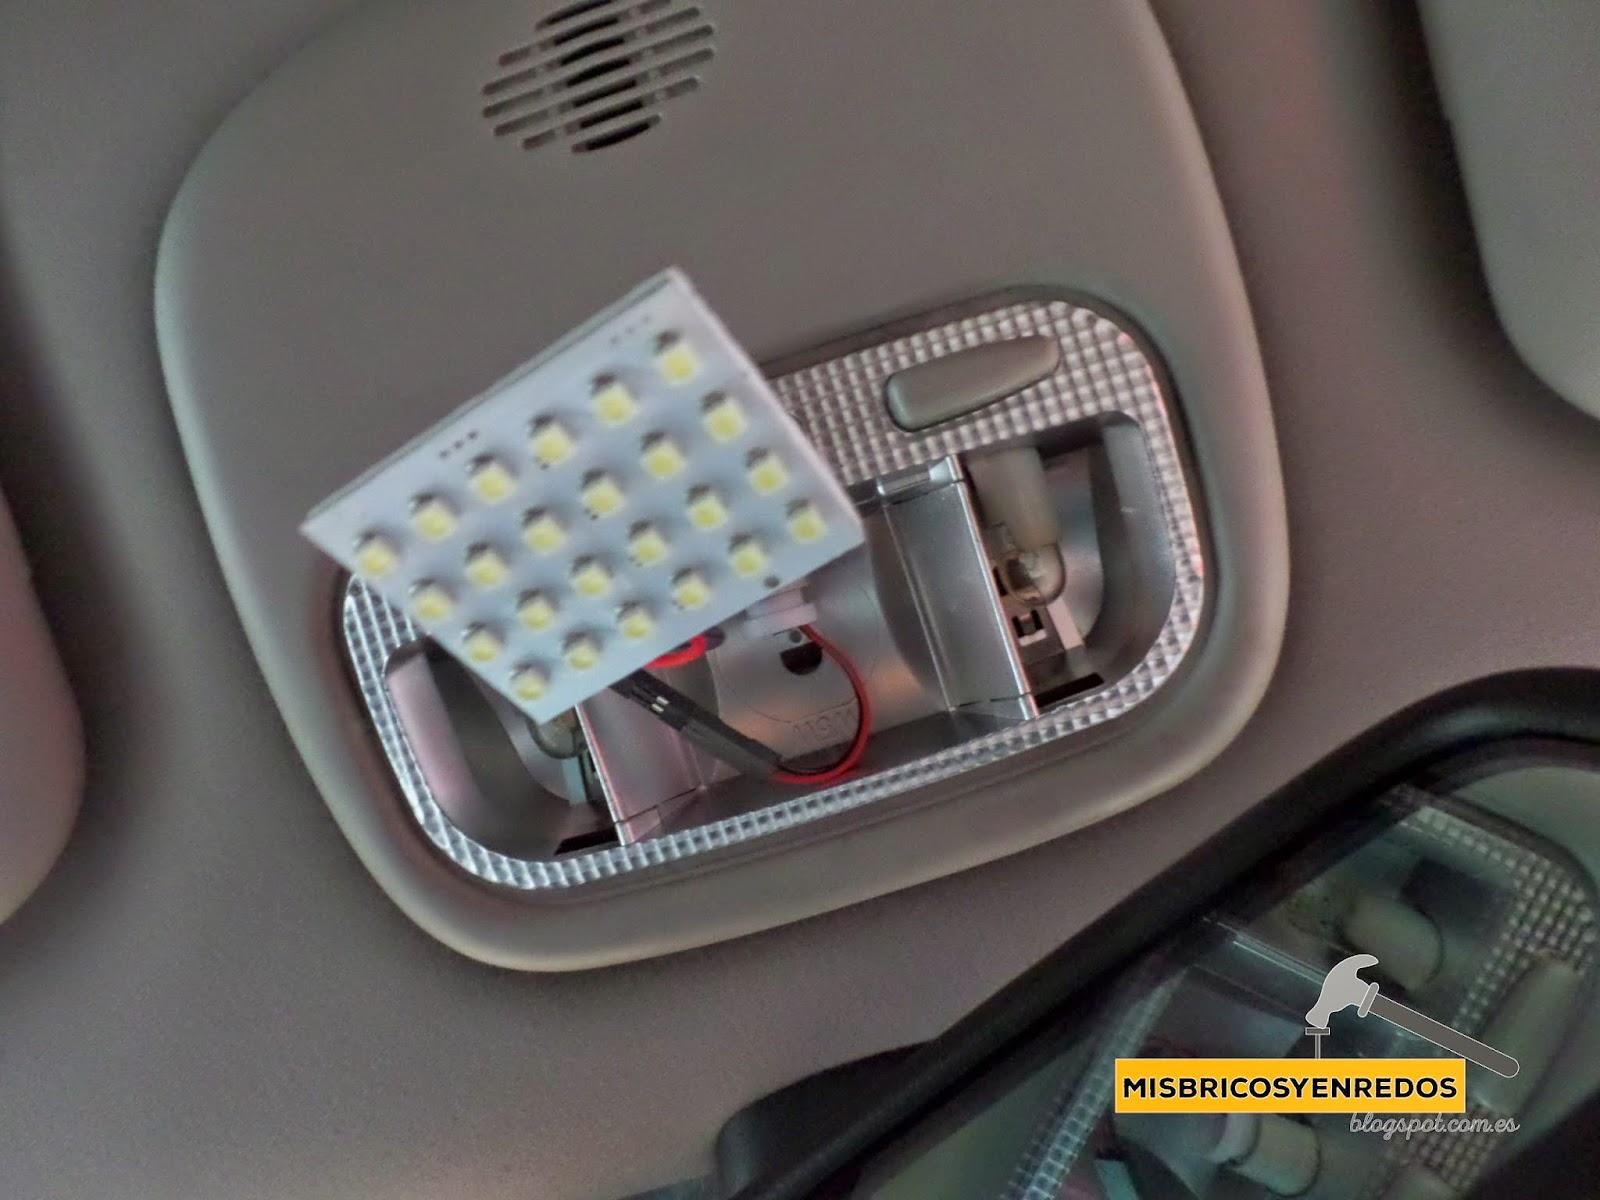 Mis enredos pensamientos y actividades instalaci n de luz interior led en citro n c5 i - Poner luz interior coche ...